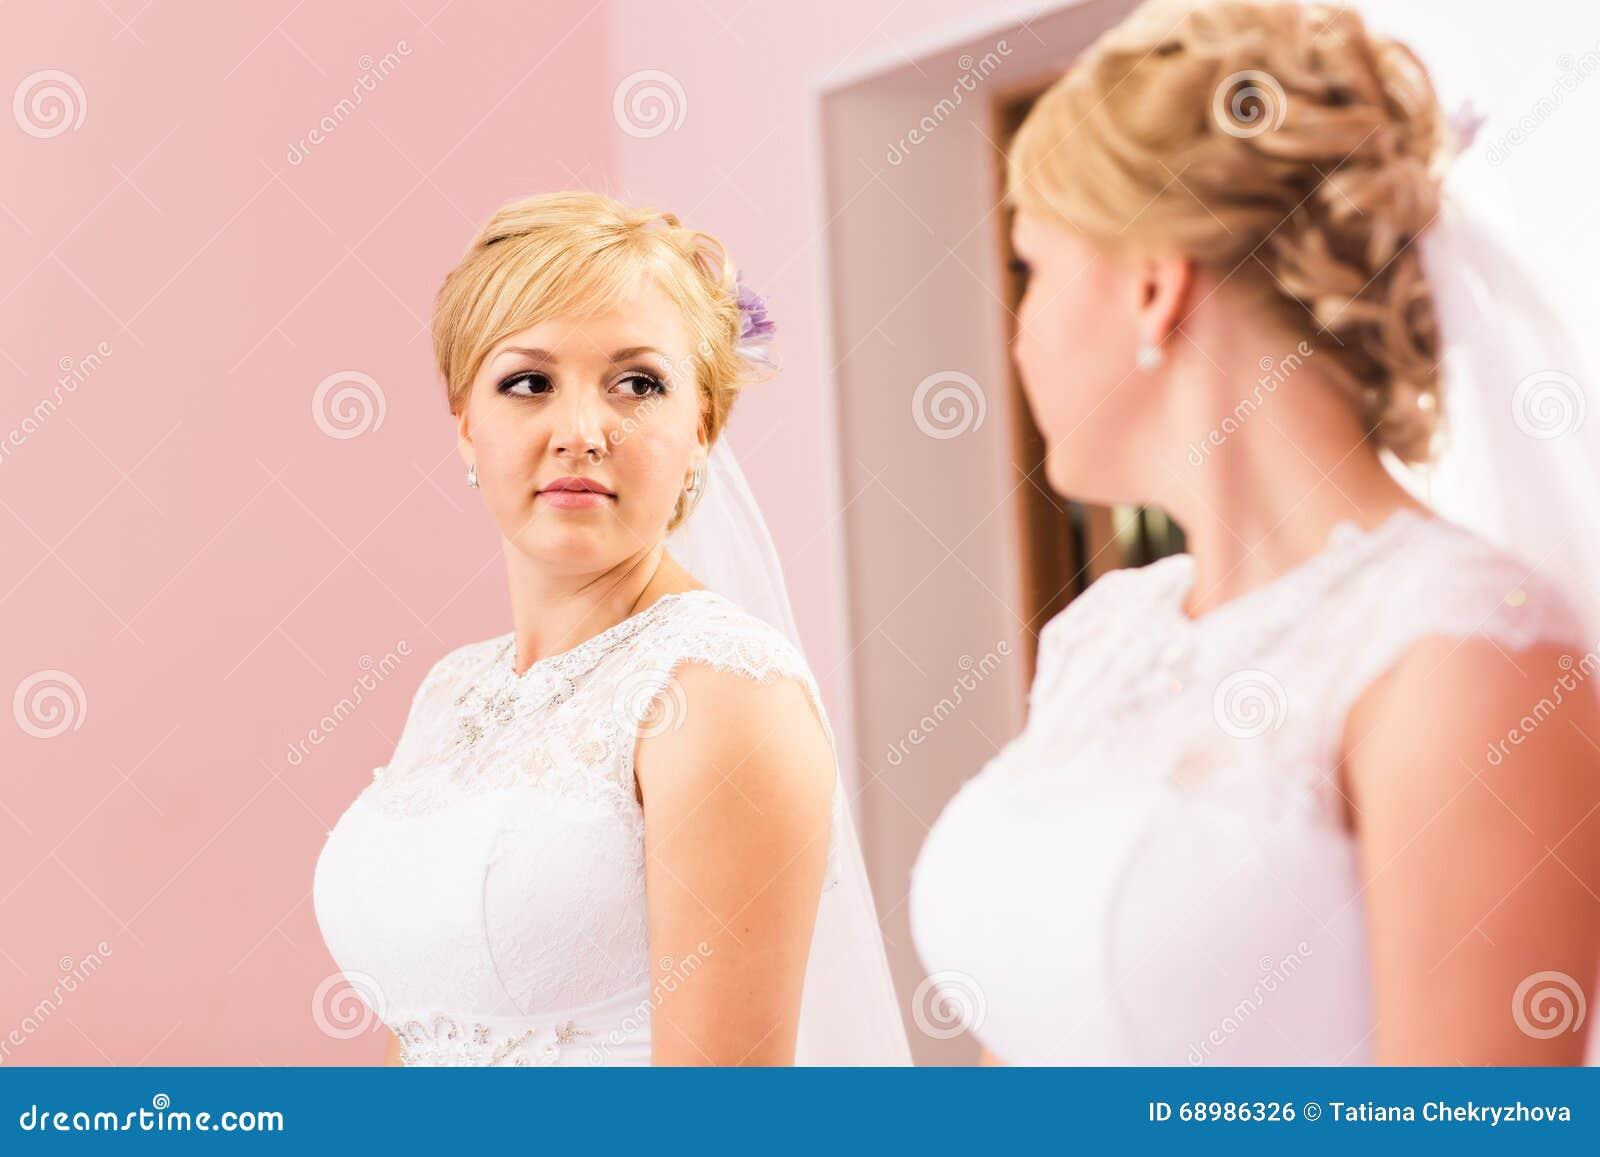 La muchacha hermosa de la novia con el peinado y el maquillaje brillante mira en el espejo